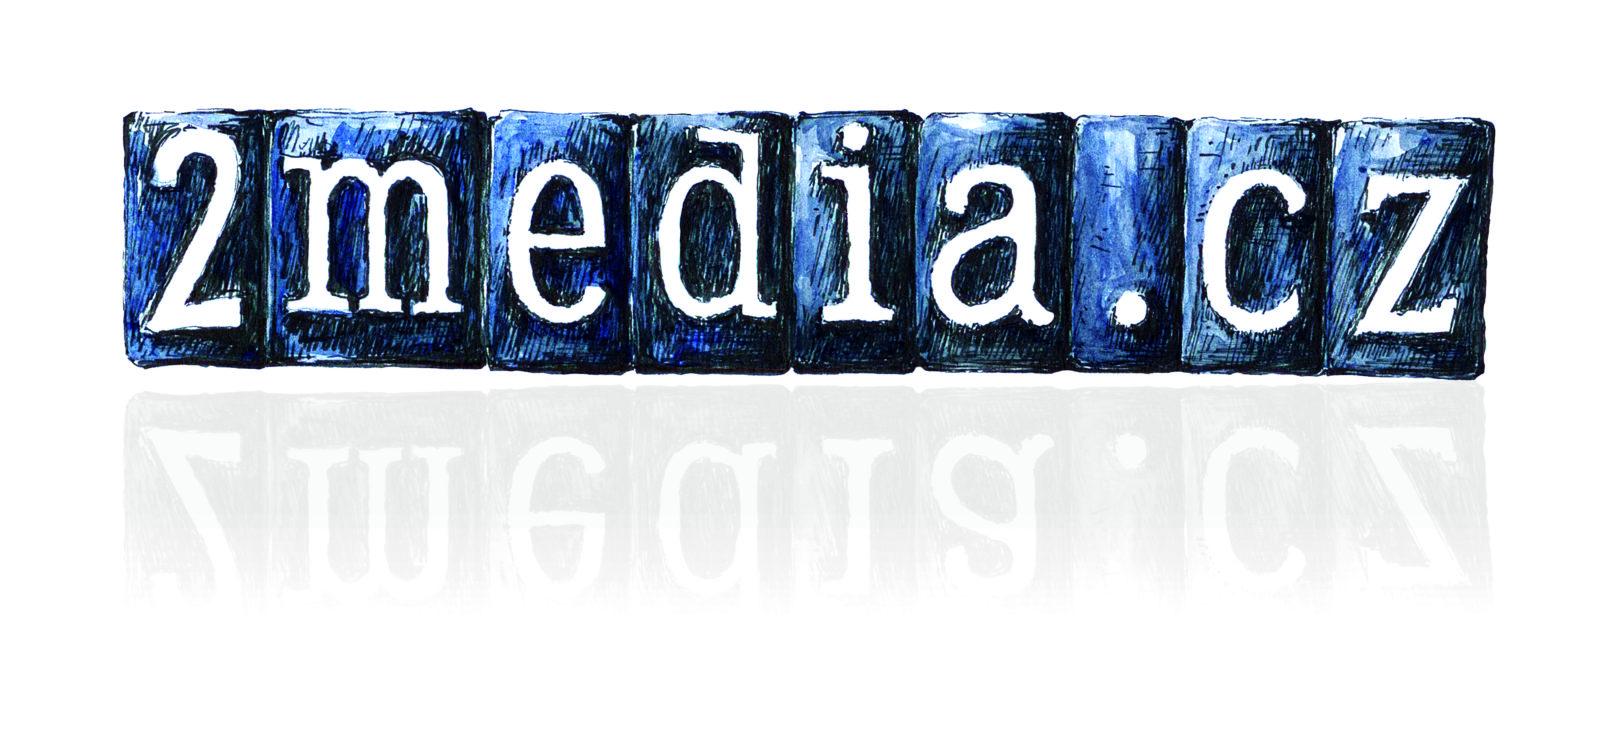 2media logo